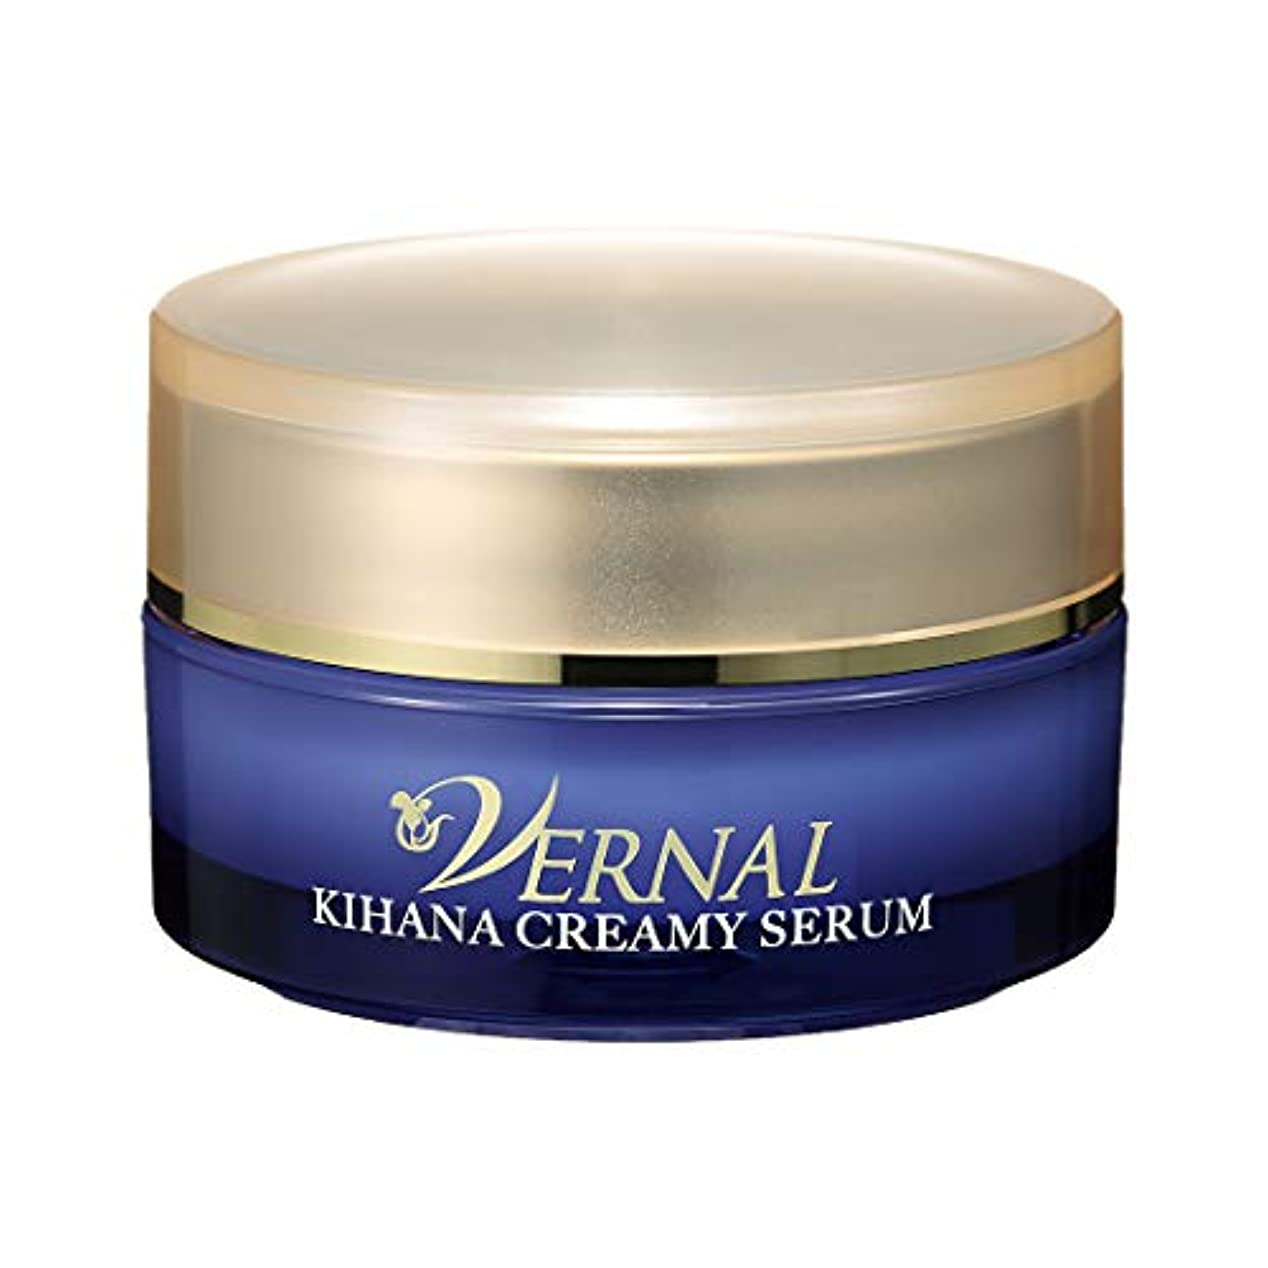 薬局フィードバック単調なキハナクリーミーセラム 30g/ヴァーナル 美容液 美容クリーム